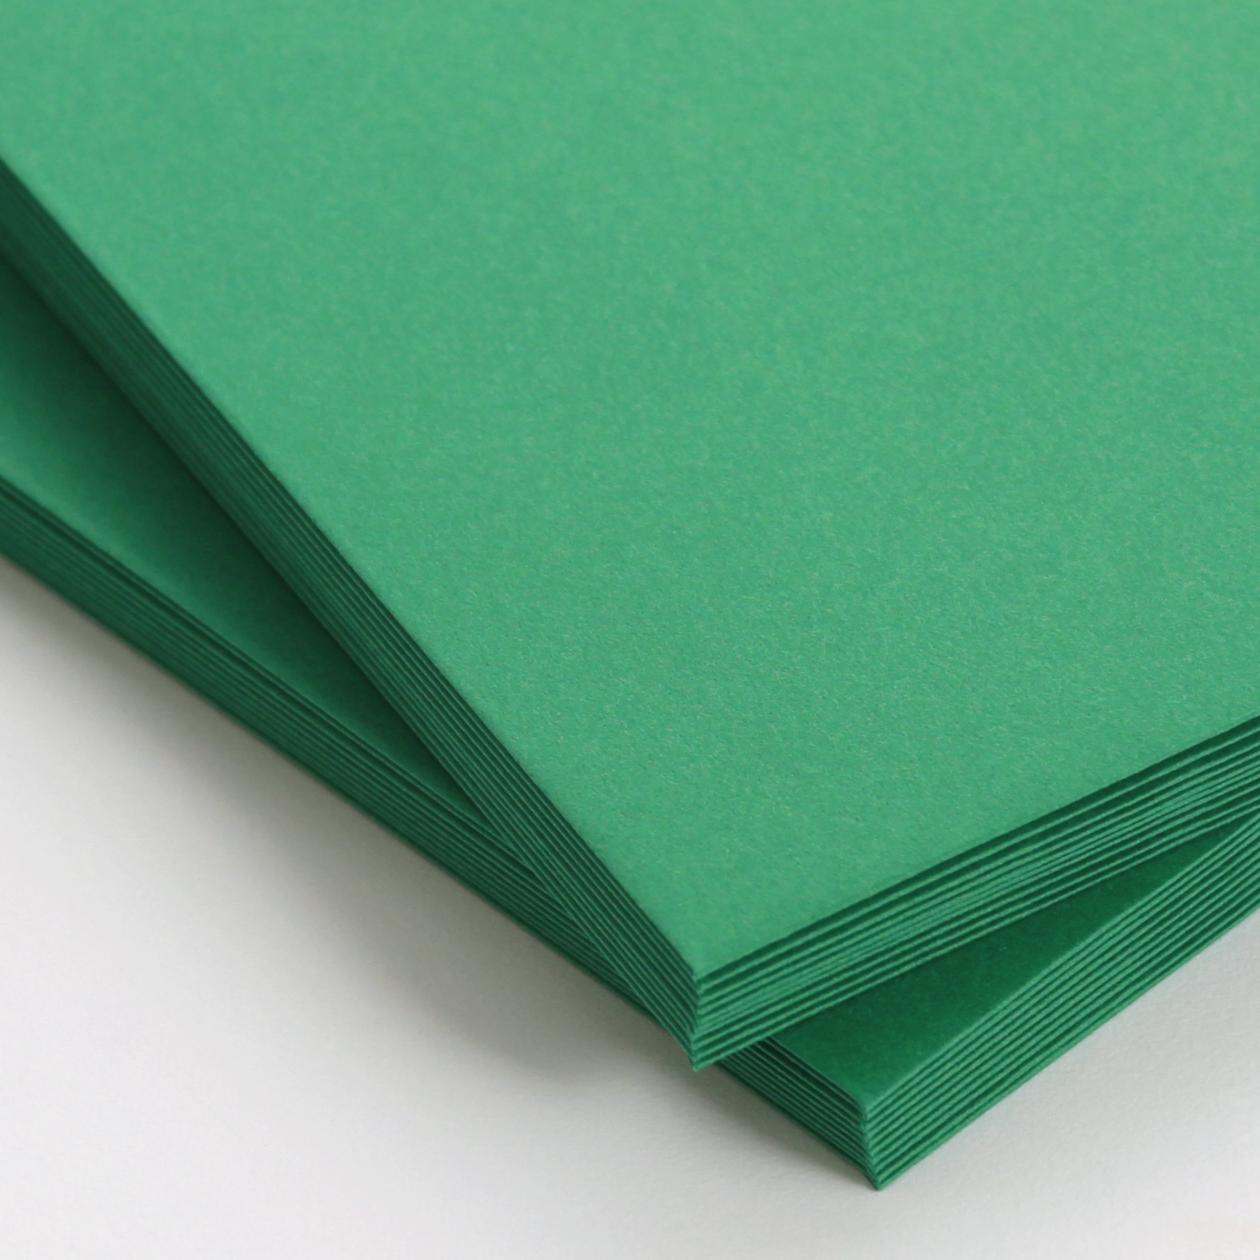 洋2カマス封筒 コットン(NTラシャ) 緑 116.3g